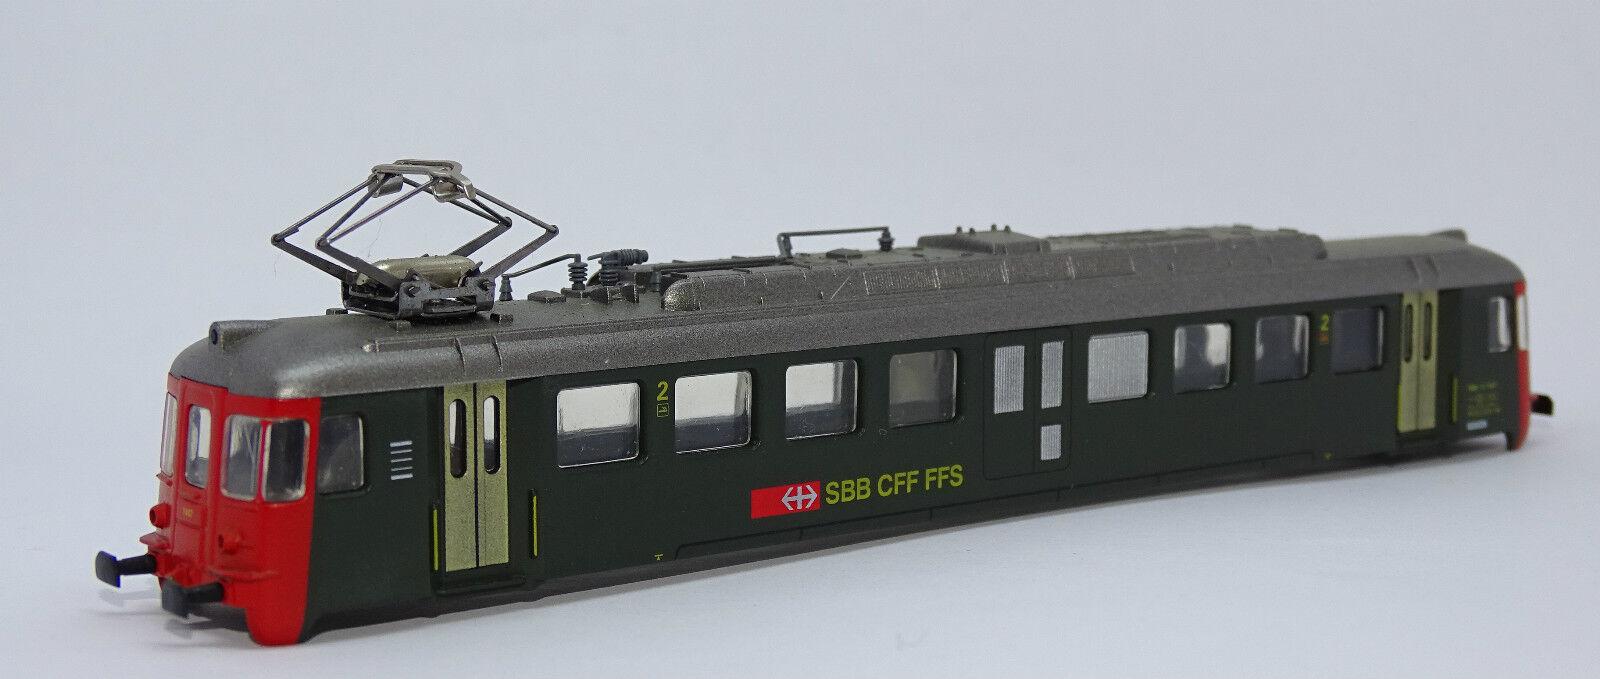 Arnold 2383-001 carcasa completamente zona 4 4 1447 SBB nuevo pieza de repuesto